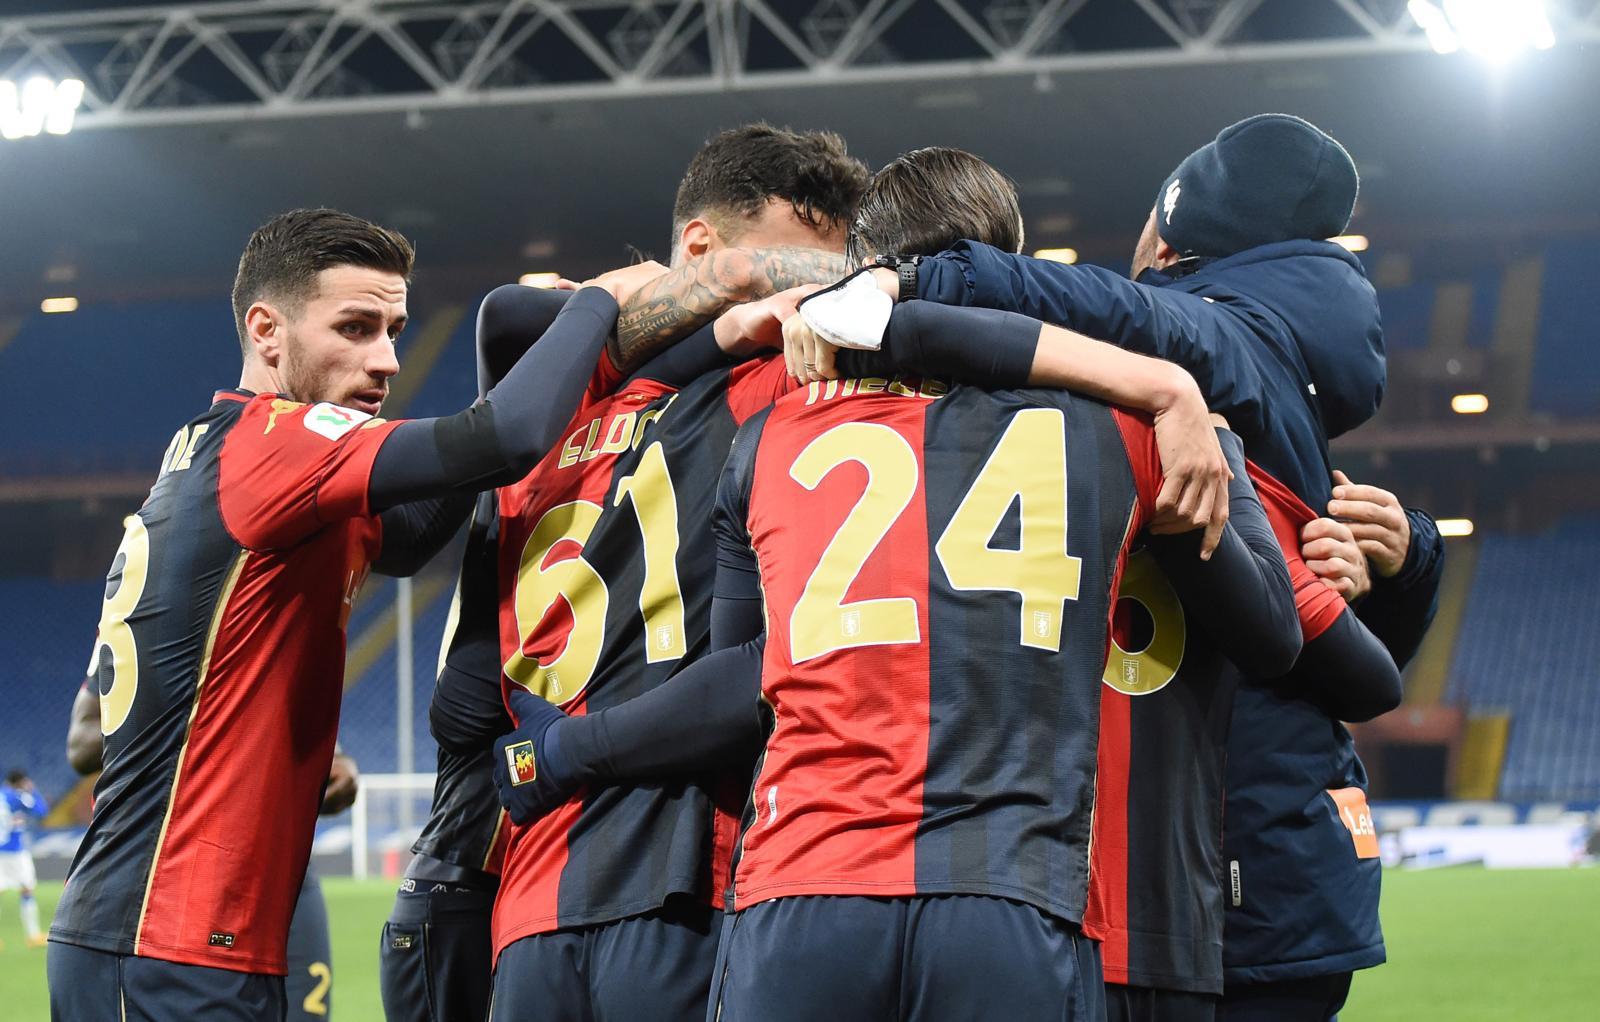 Coppa Italia, Scamacca porta il Genoa agli ottavi: ora la Juve